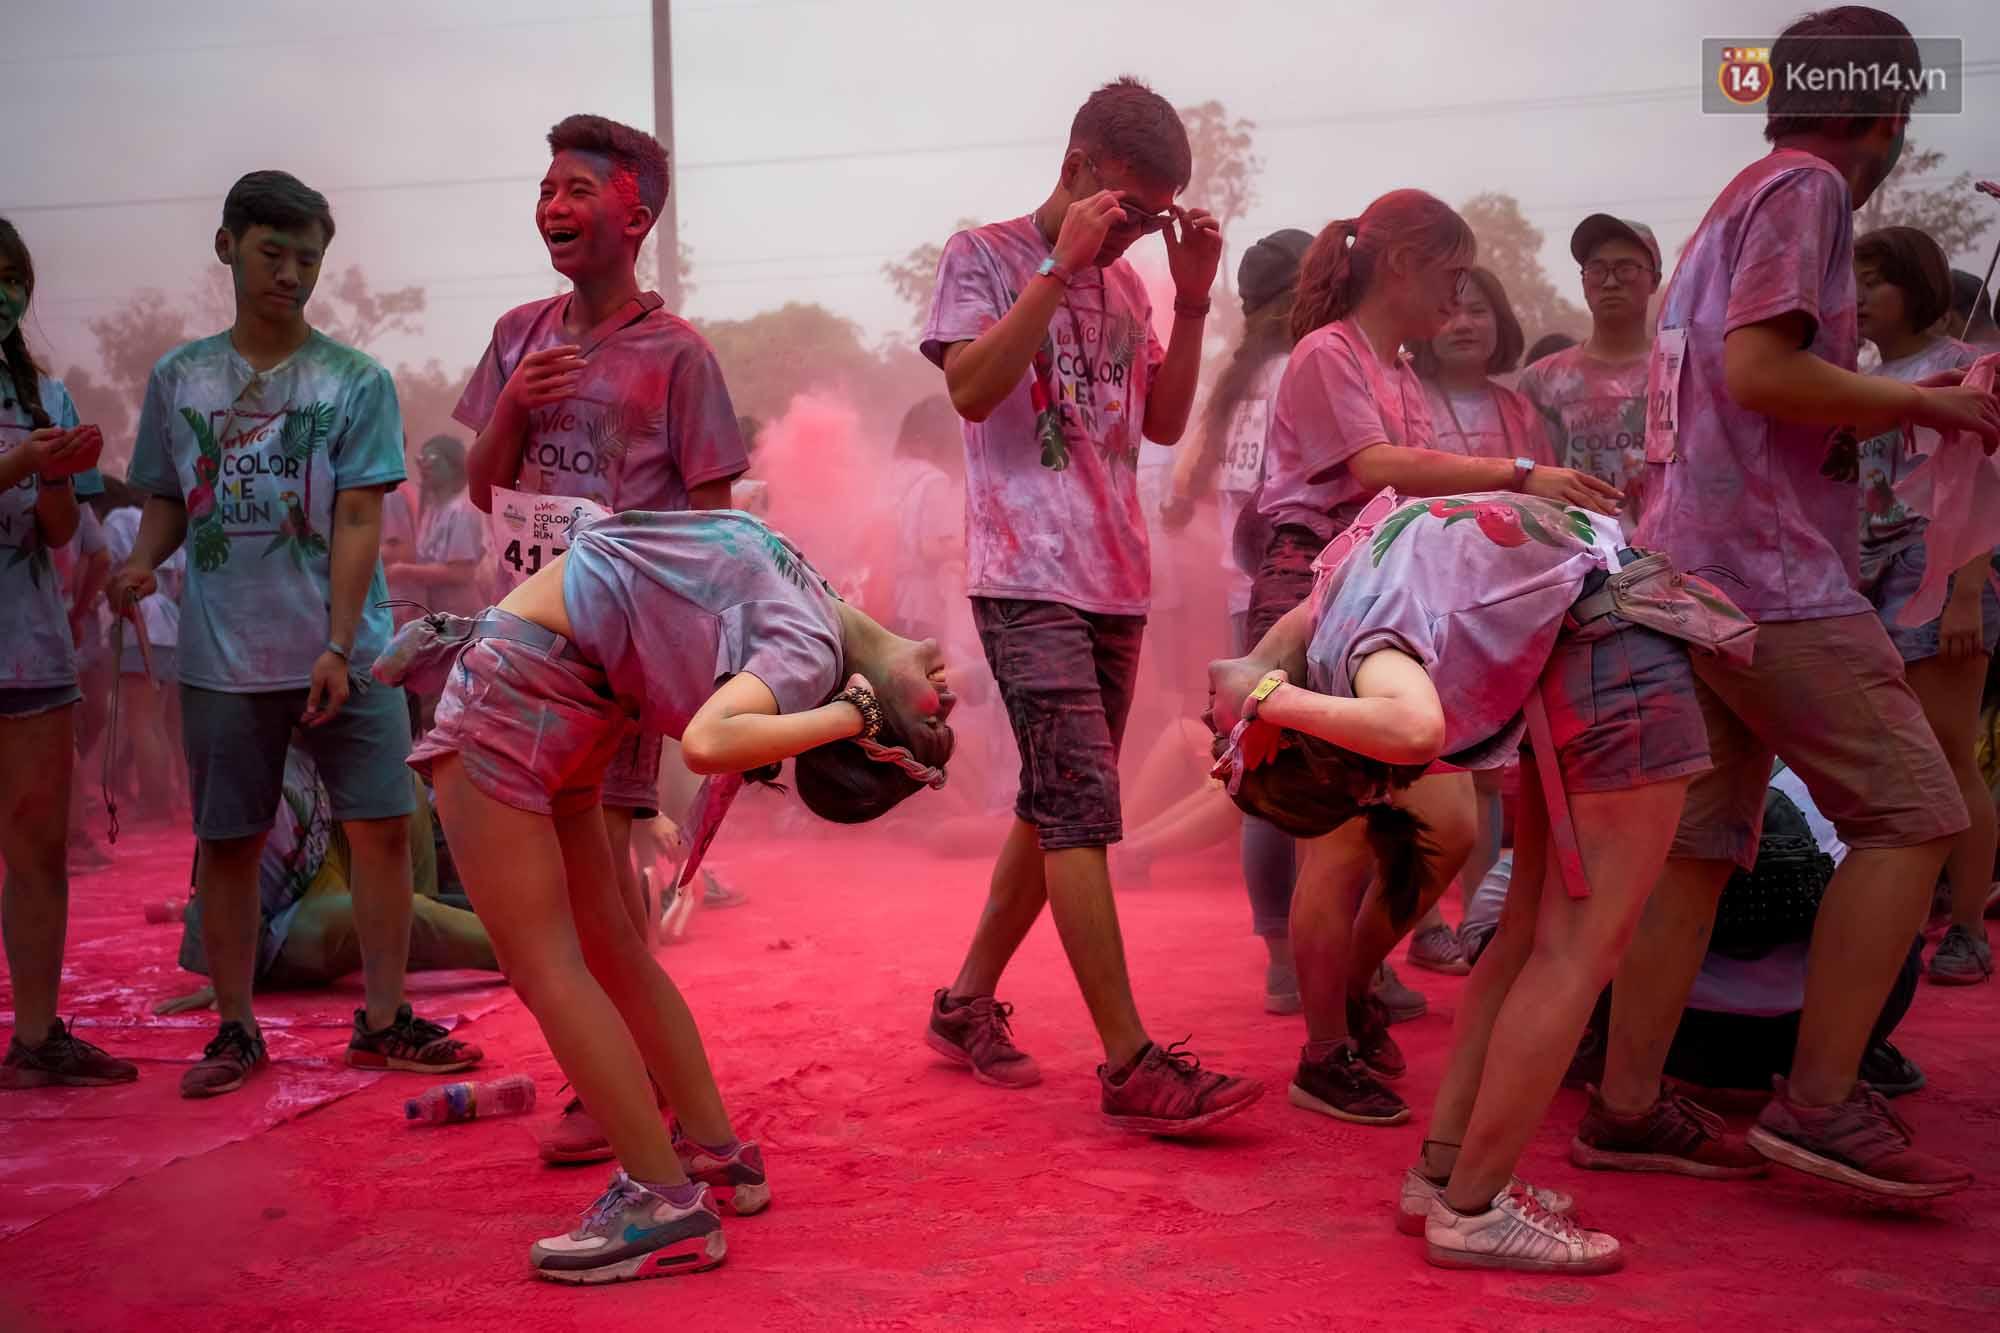 Những khoảnh khắc chứng minh đi Color Me Run lúc nào cũng vui và được quẩy hết mình! - Ảnh 17.